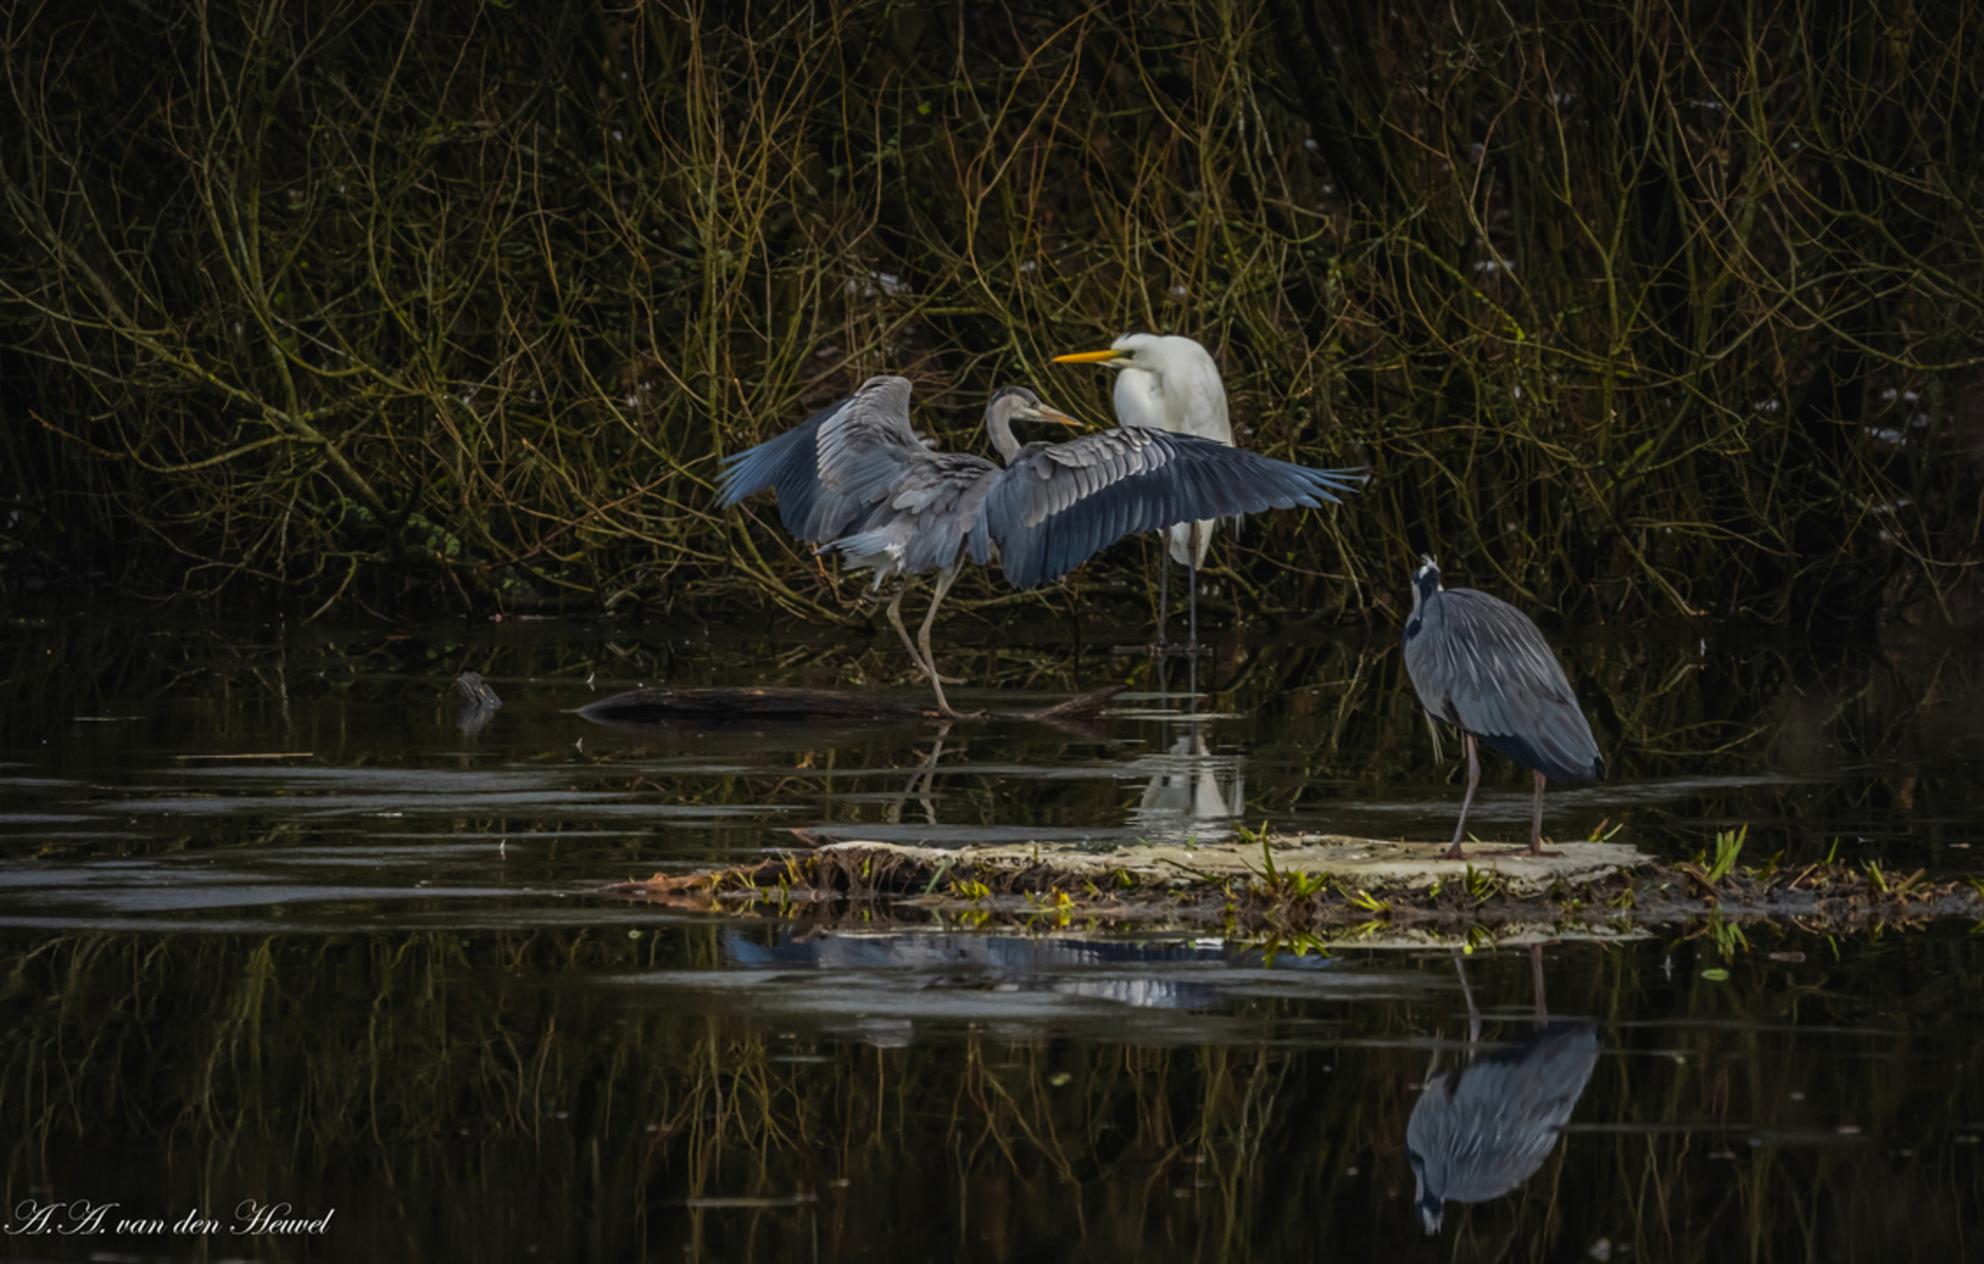 blauwe reiger zilverreiger - Samen zijn, geen corona regels. Zo vrij als een vogel - foto door AnnaToos op 16-02-2021 - deze foto bevat: natuur, reiger, watervogel, zilverreiger